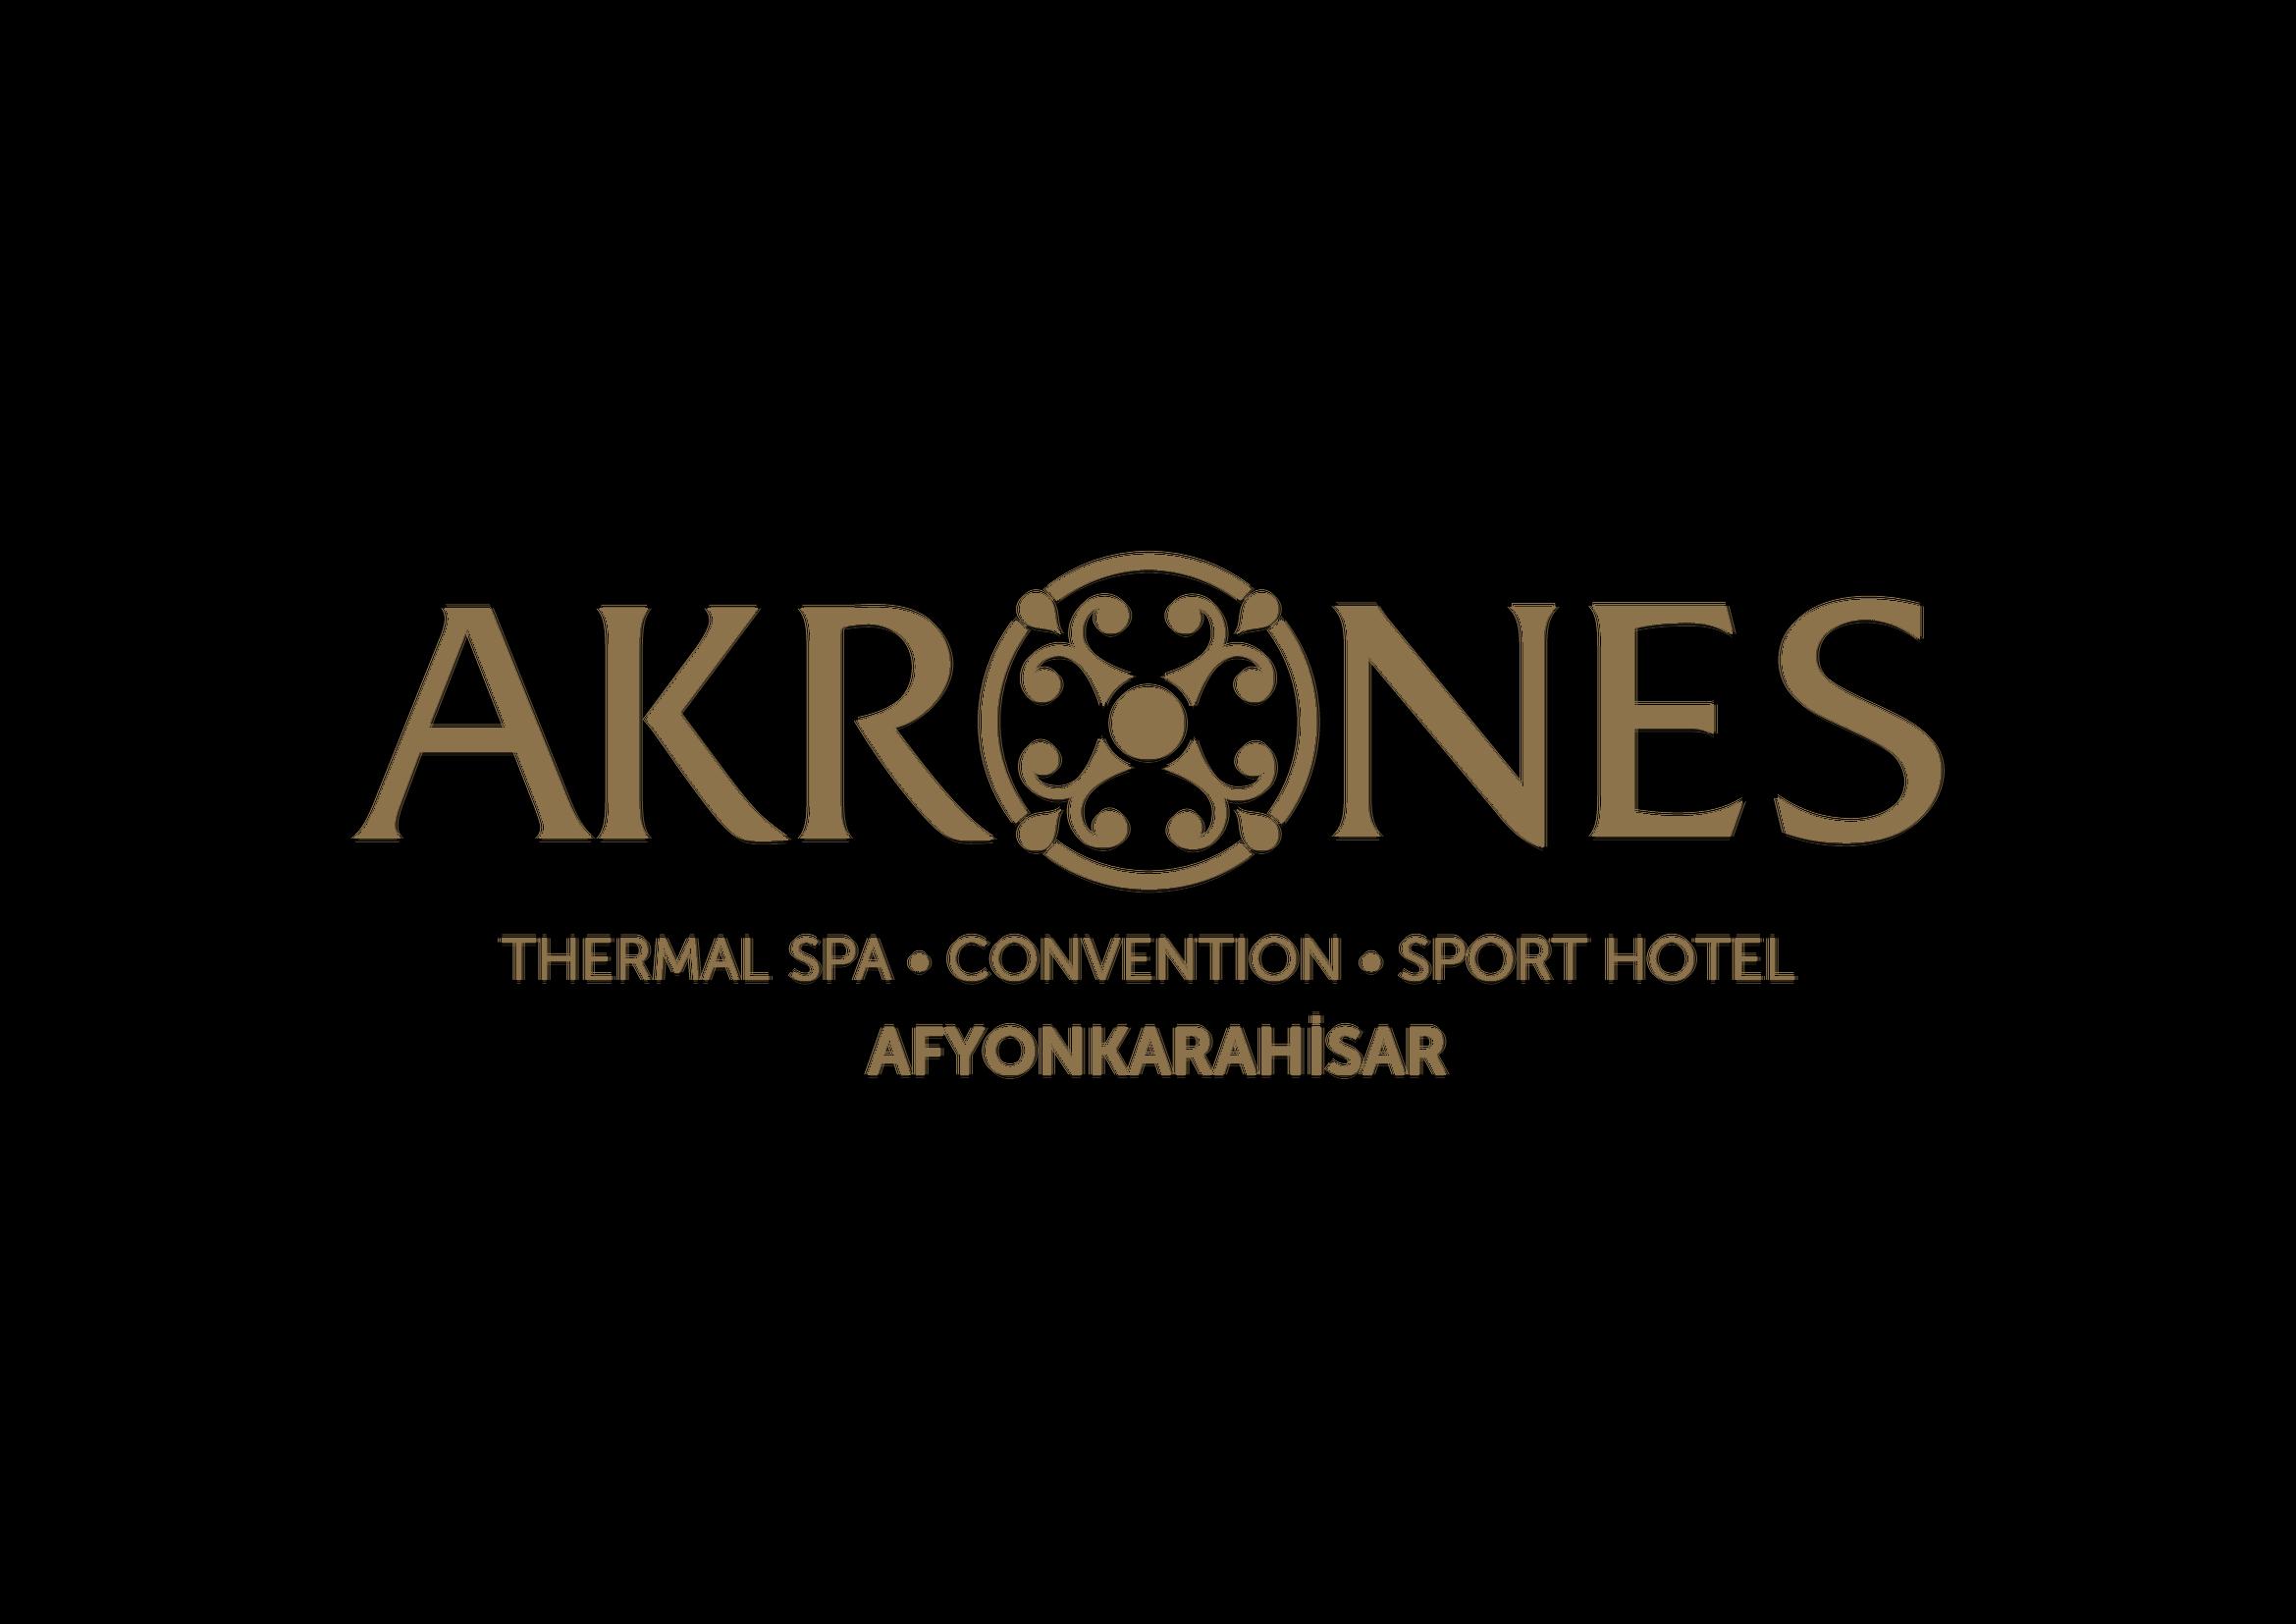 Akrones